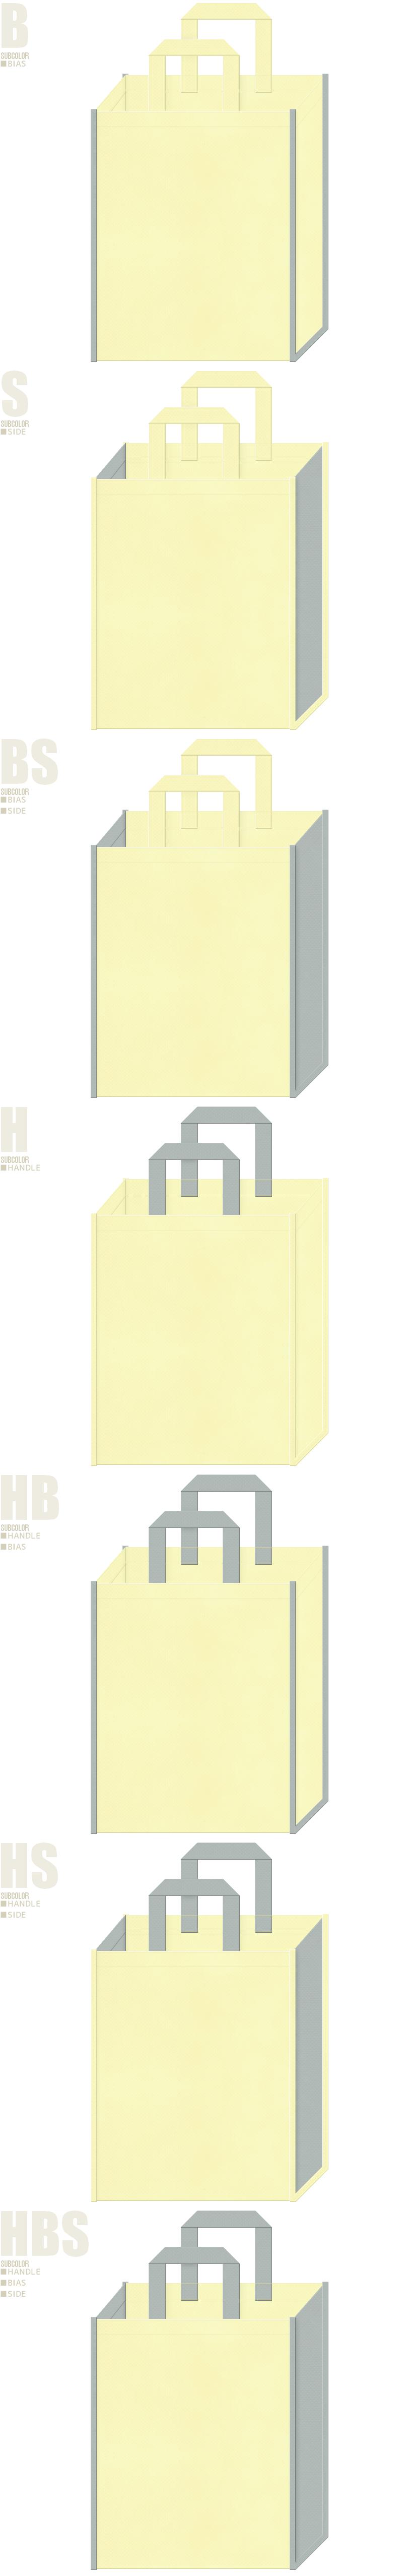 照明器具の展示会用バッグにお奨めの不織布バッグデザイン:薄黄色とグレー色の配色7パターン。